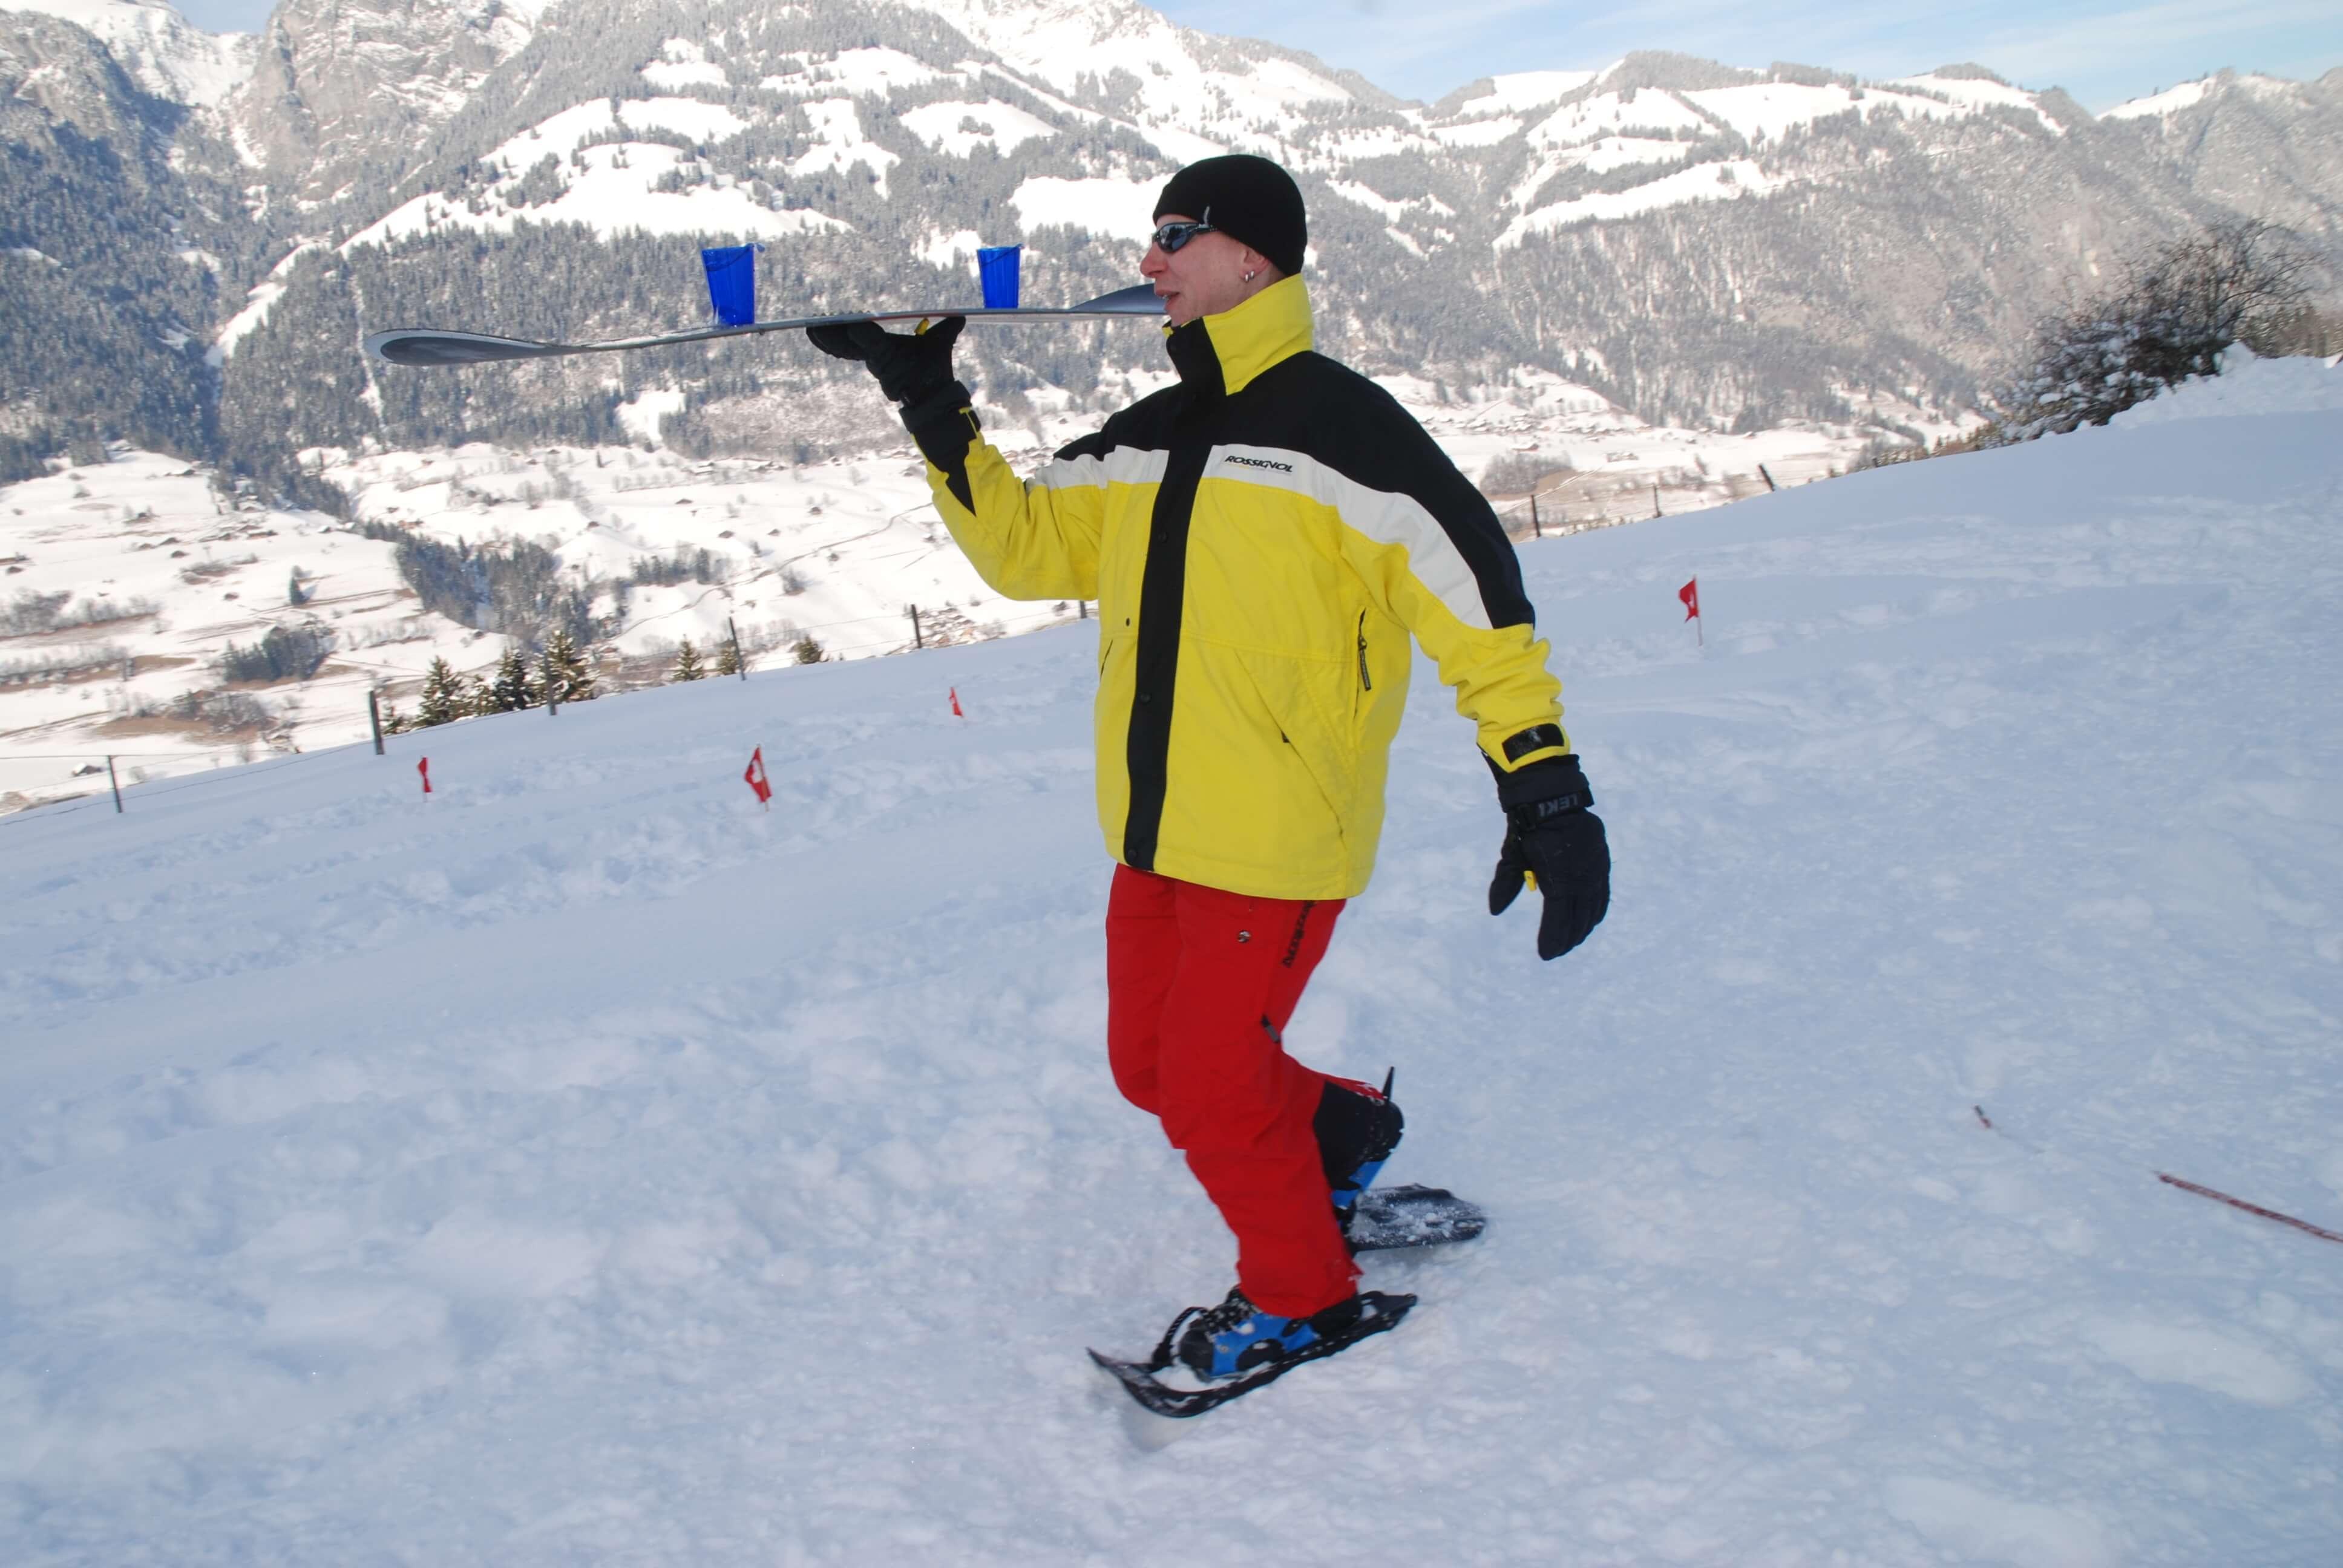 Winterolympiade für Gruppen- und Teamevents